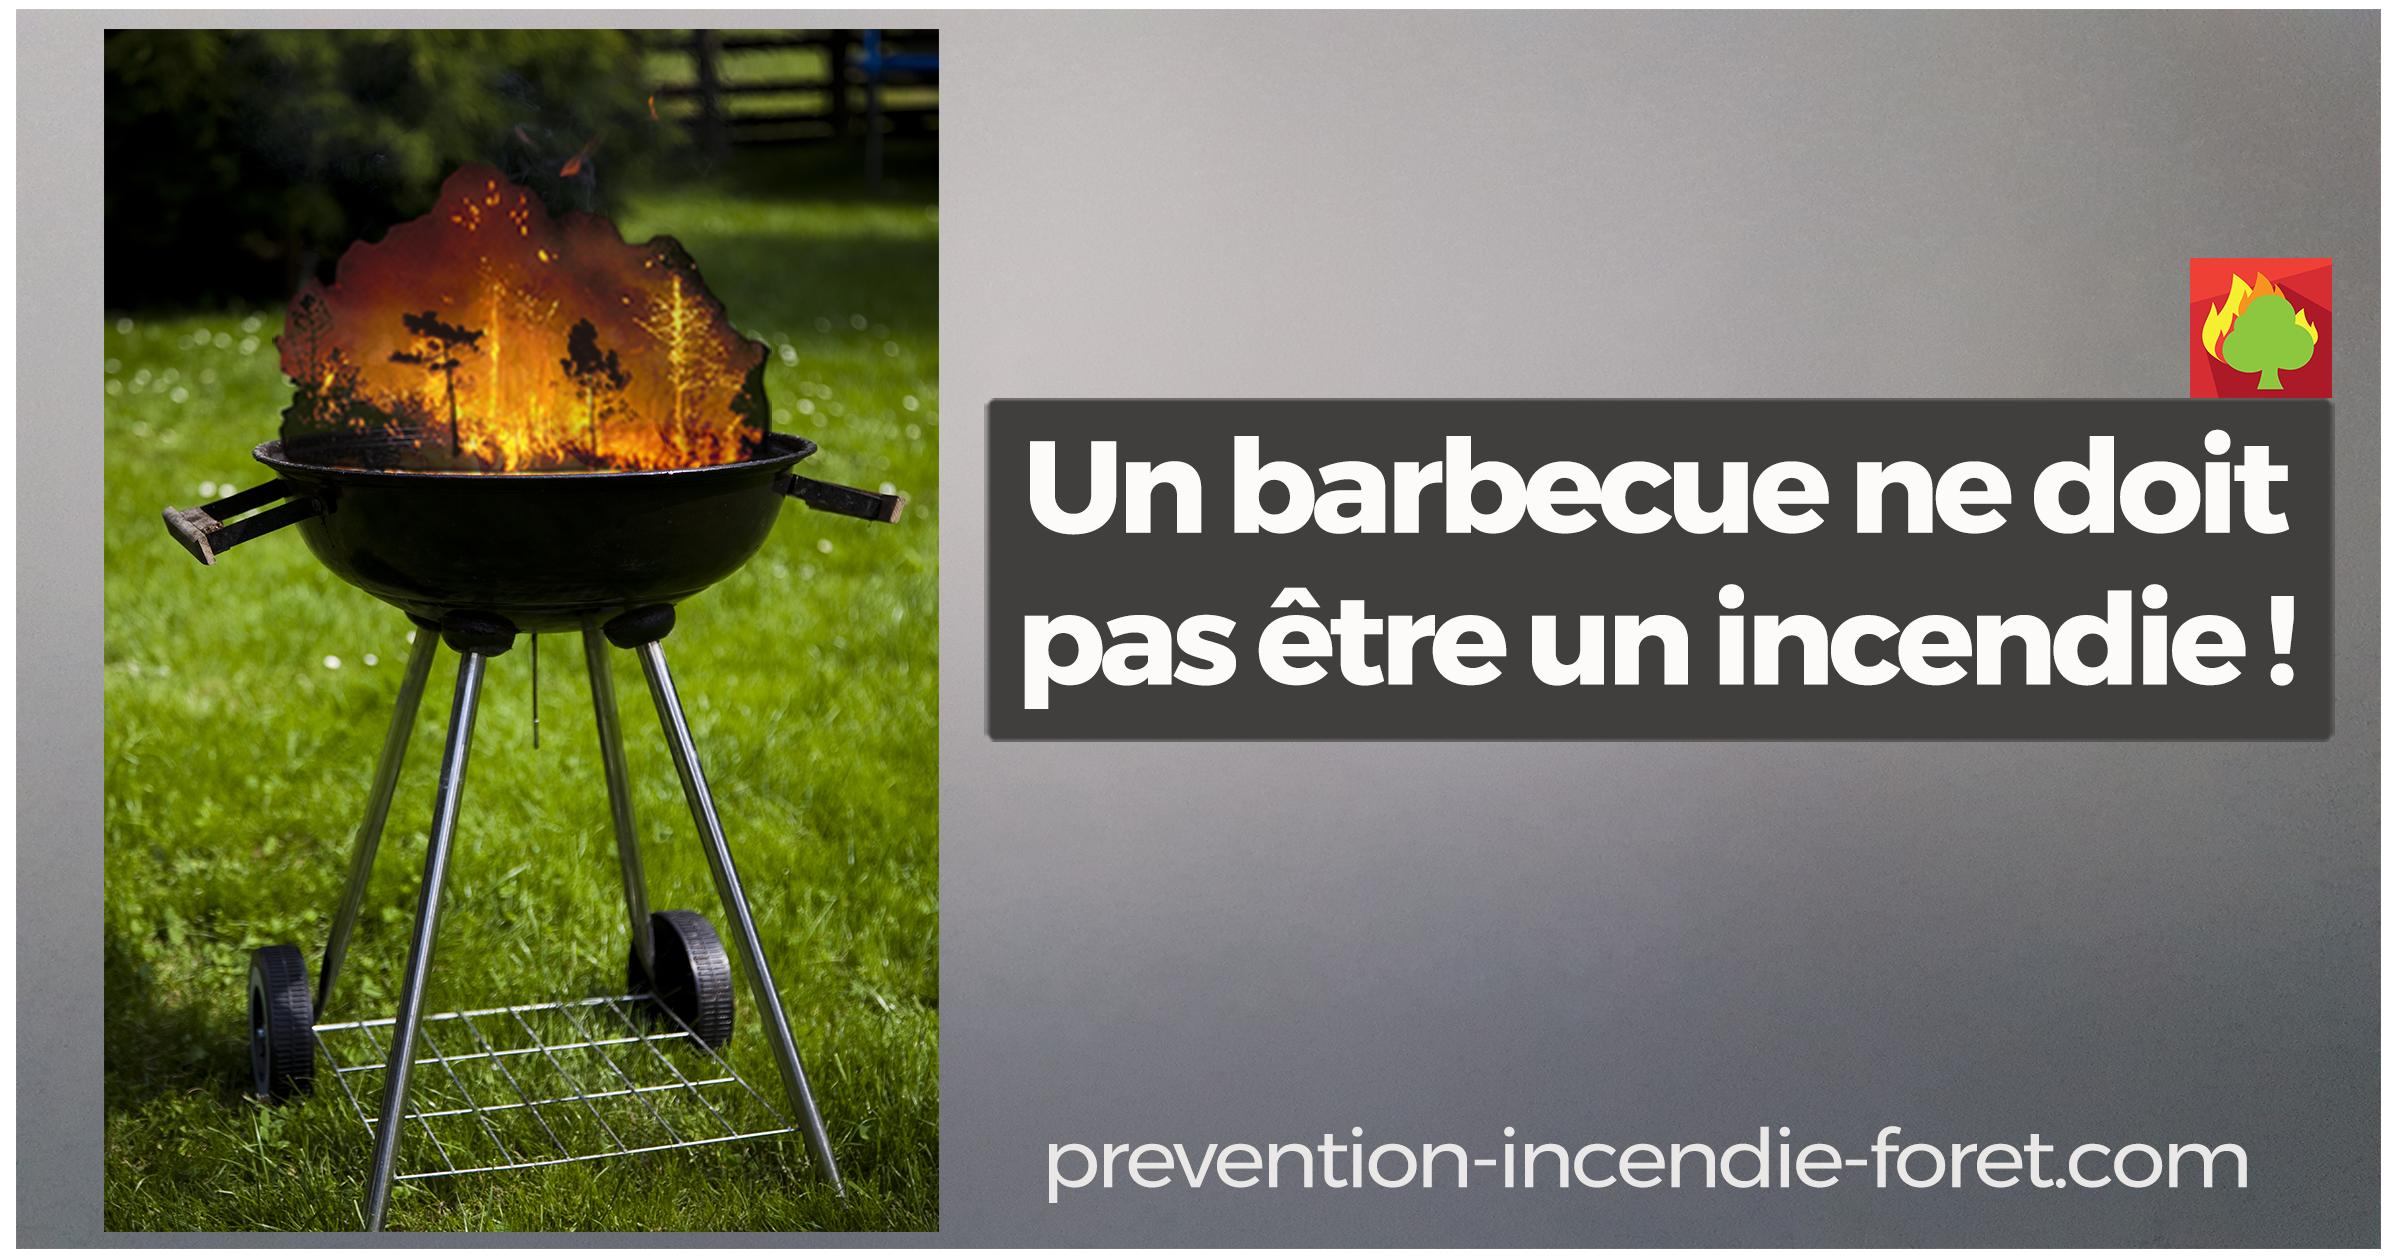 Un barbecue ne doit pas être un incendie !